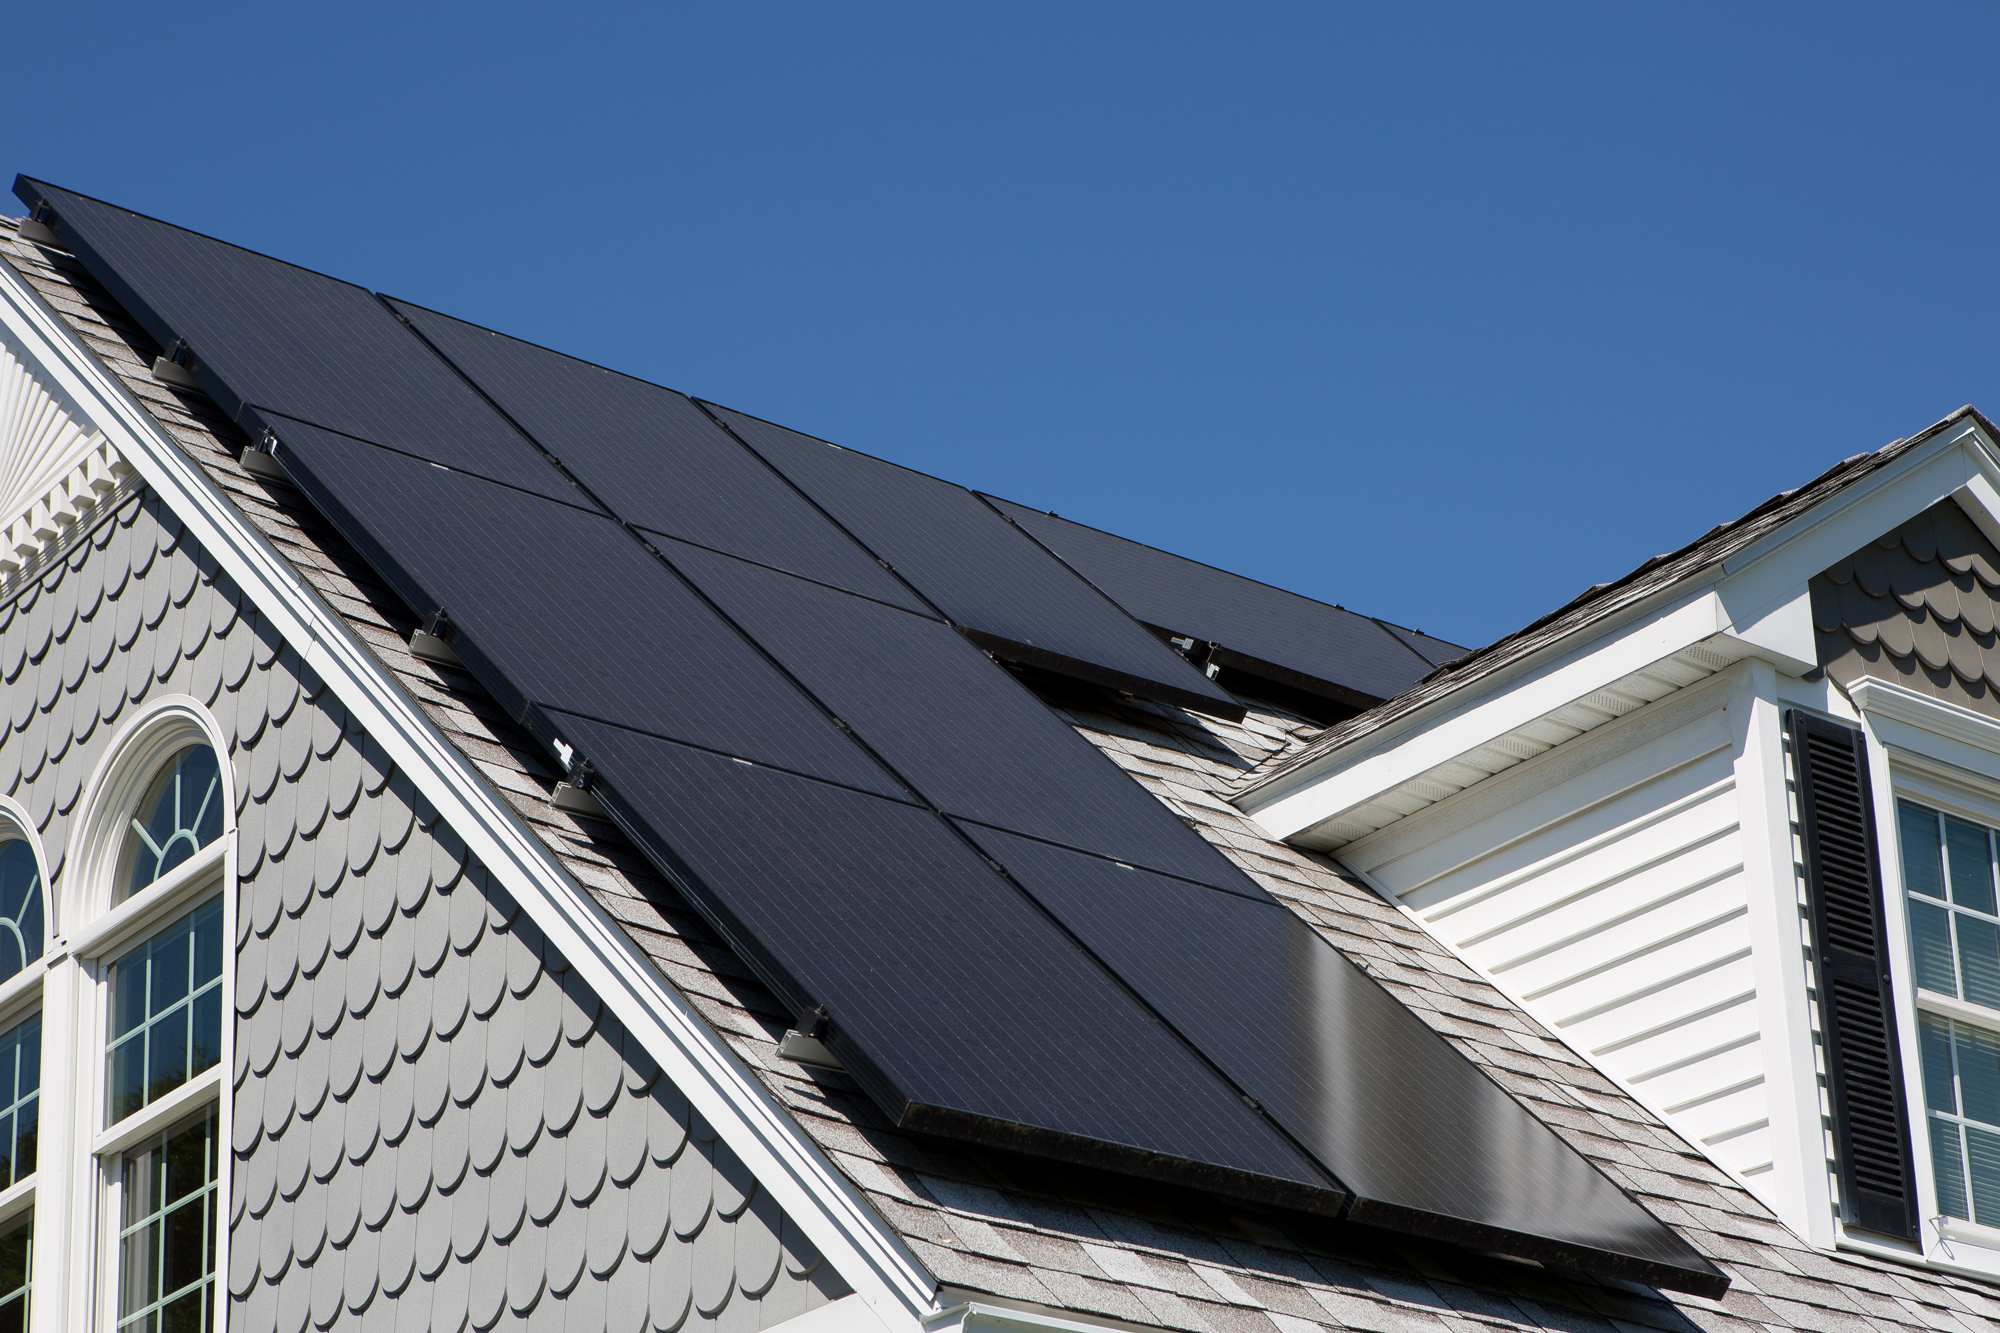 citadel-solar-panels-roof